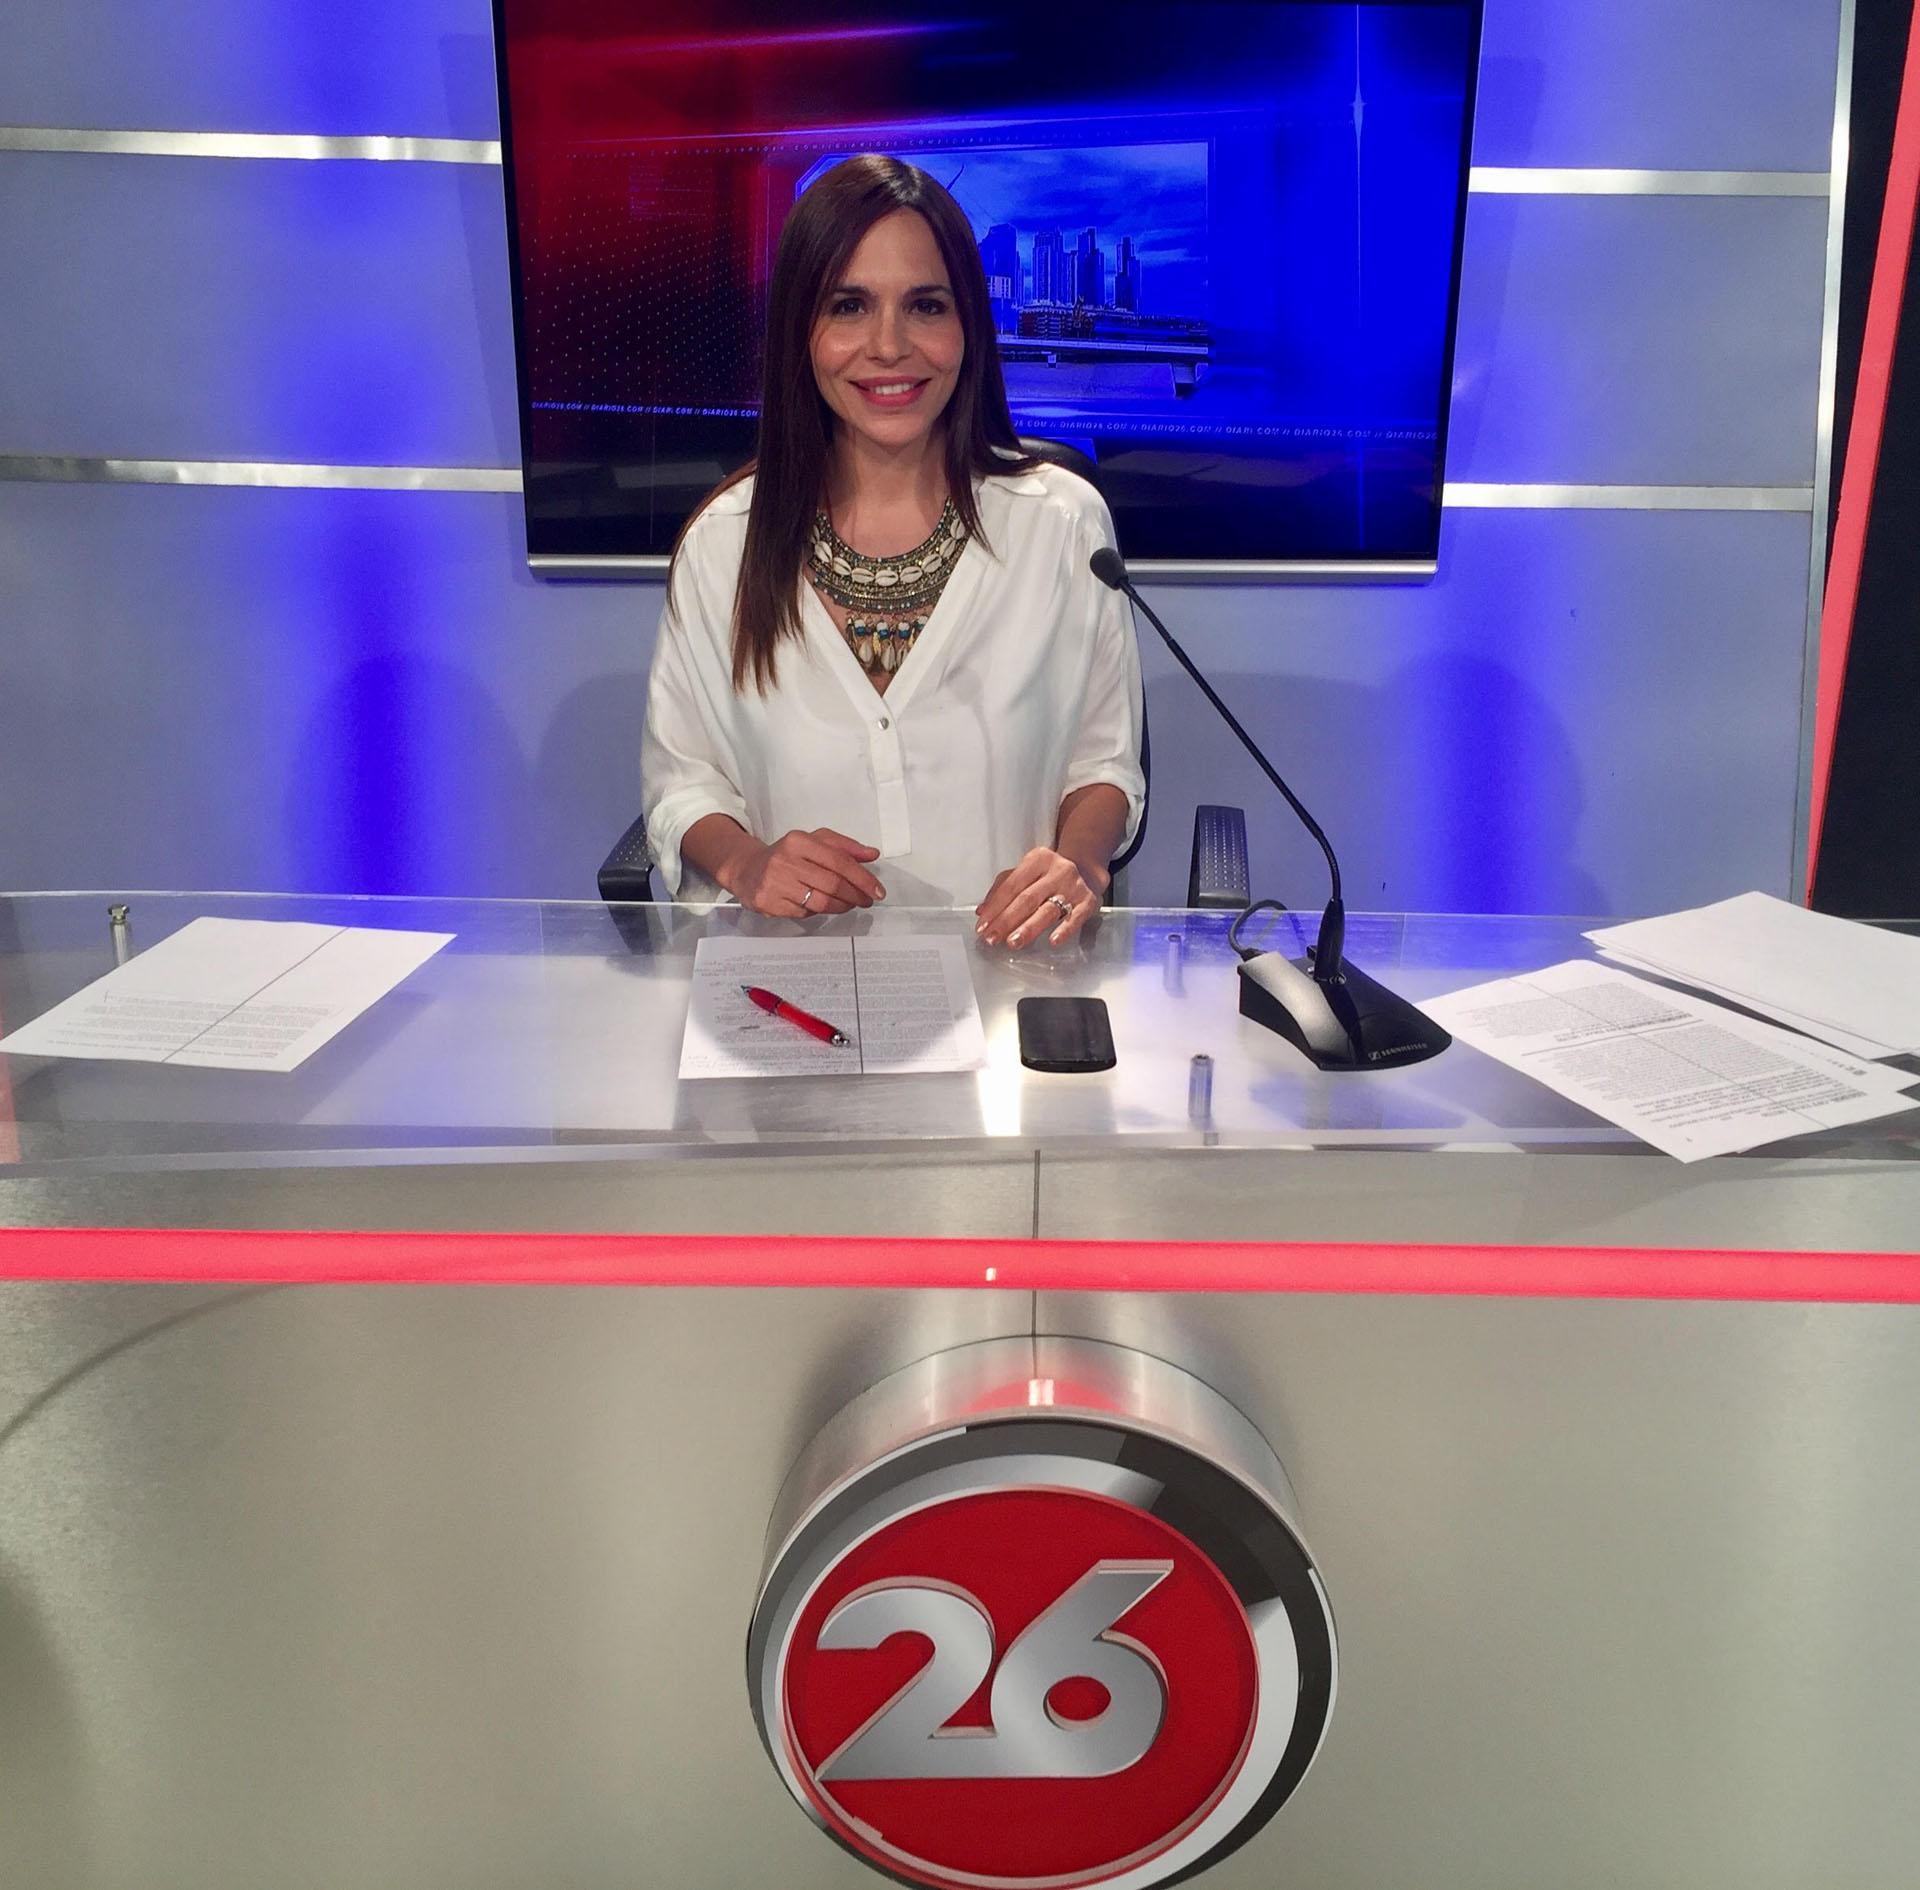 Melisa comenzó su carrera como productora y cronista y luego llegó a la conducción del noticiero